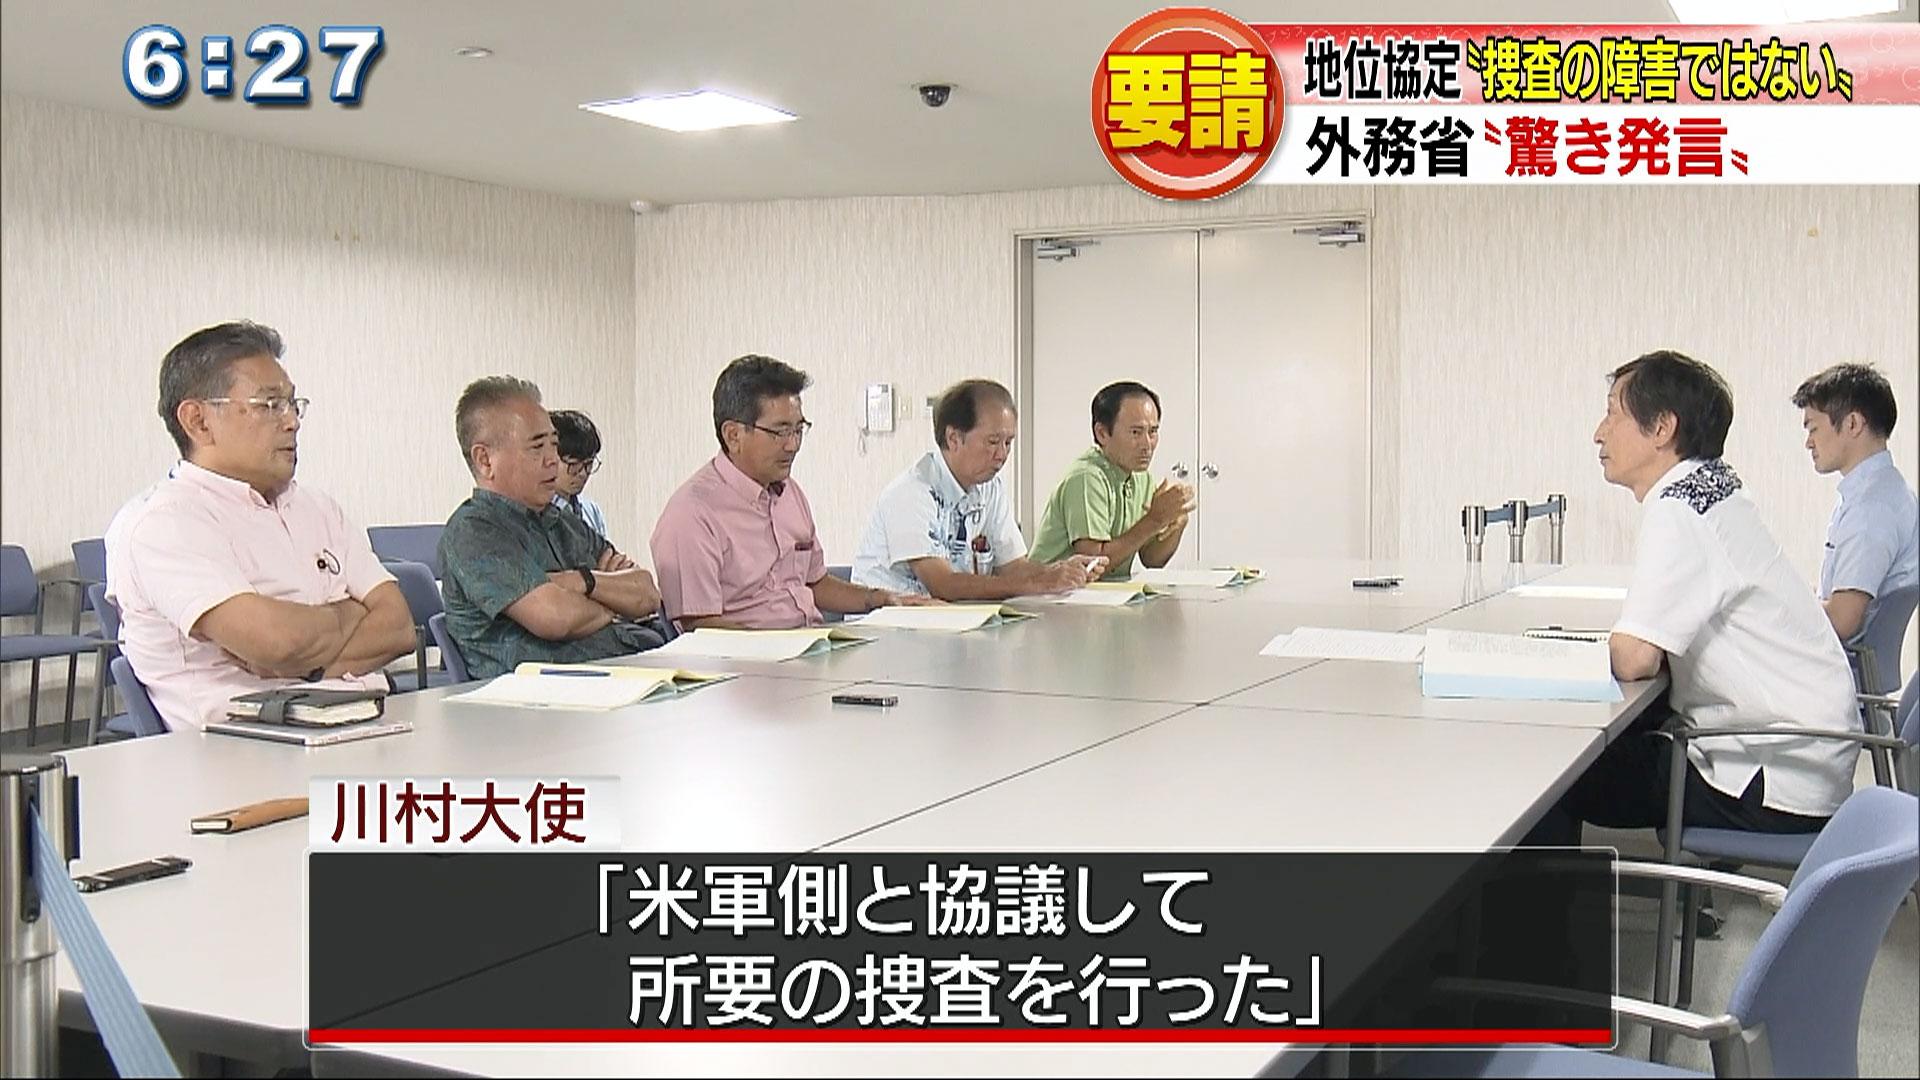 日米地位協定 川村大使「捜査の障害になってない」